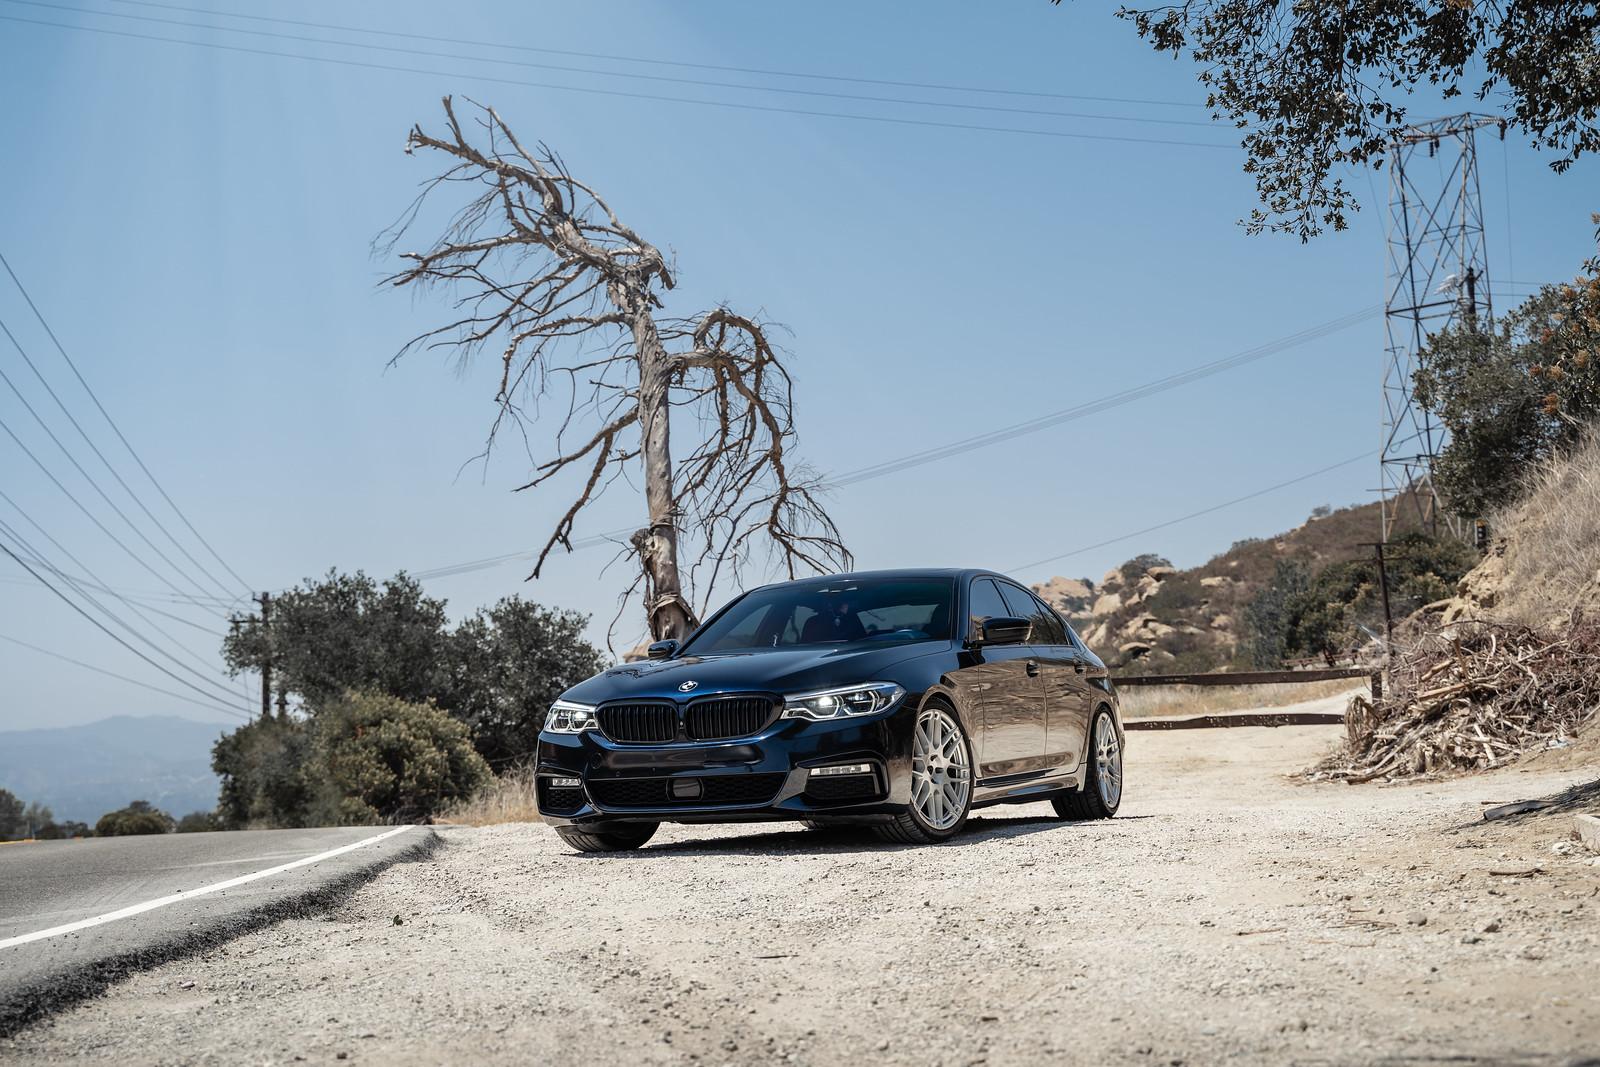 2017_BMW_530i_M_Sport_BDF12_Brushed_Silver_1